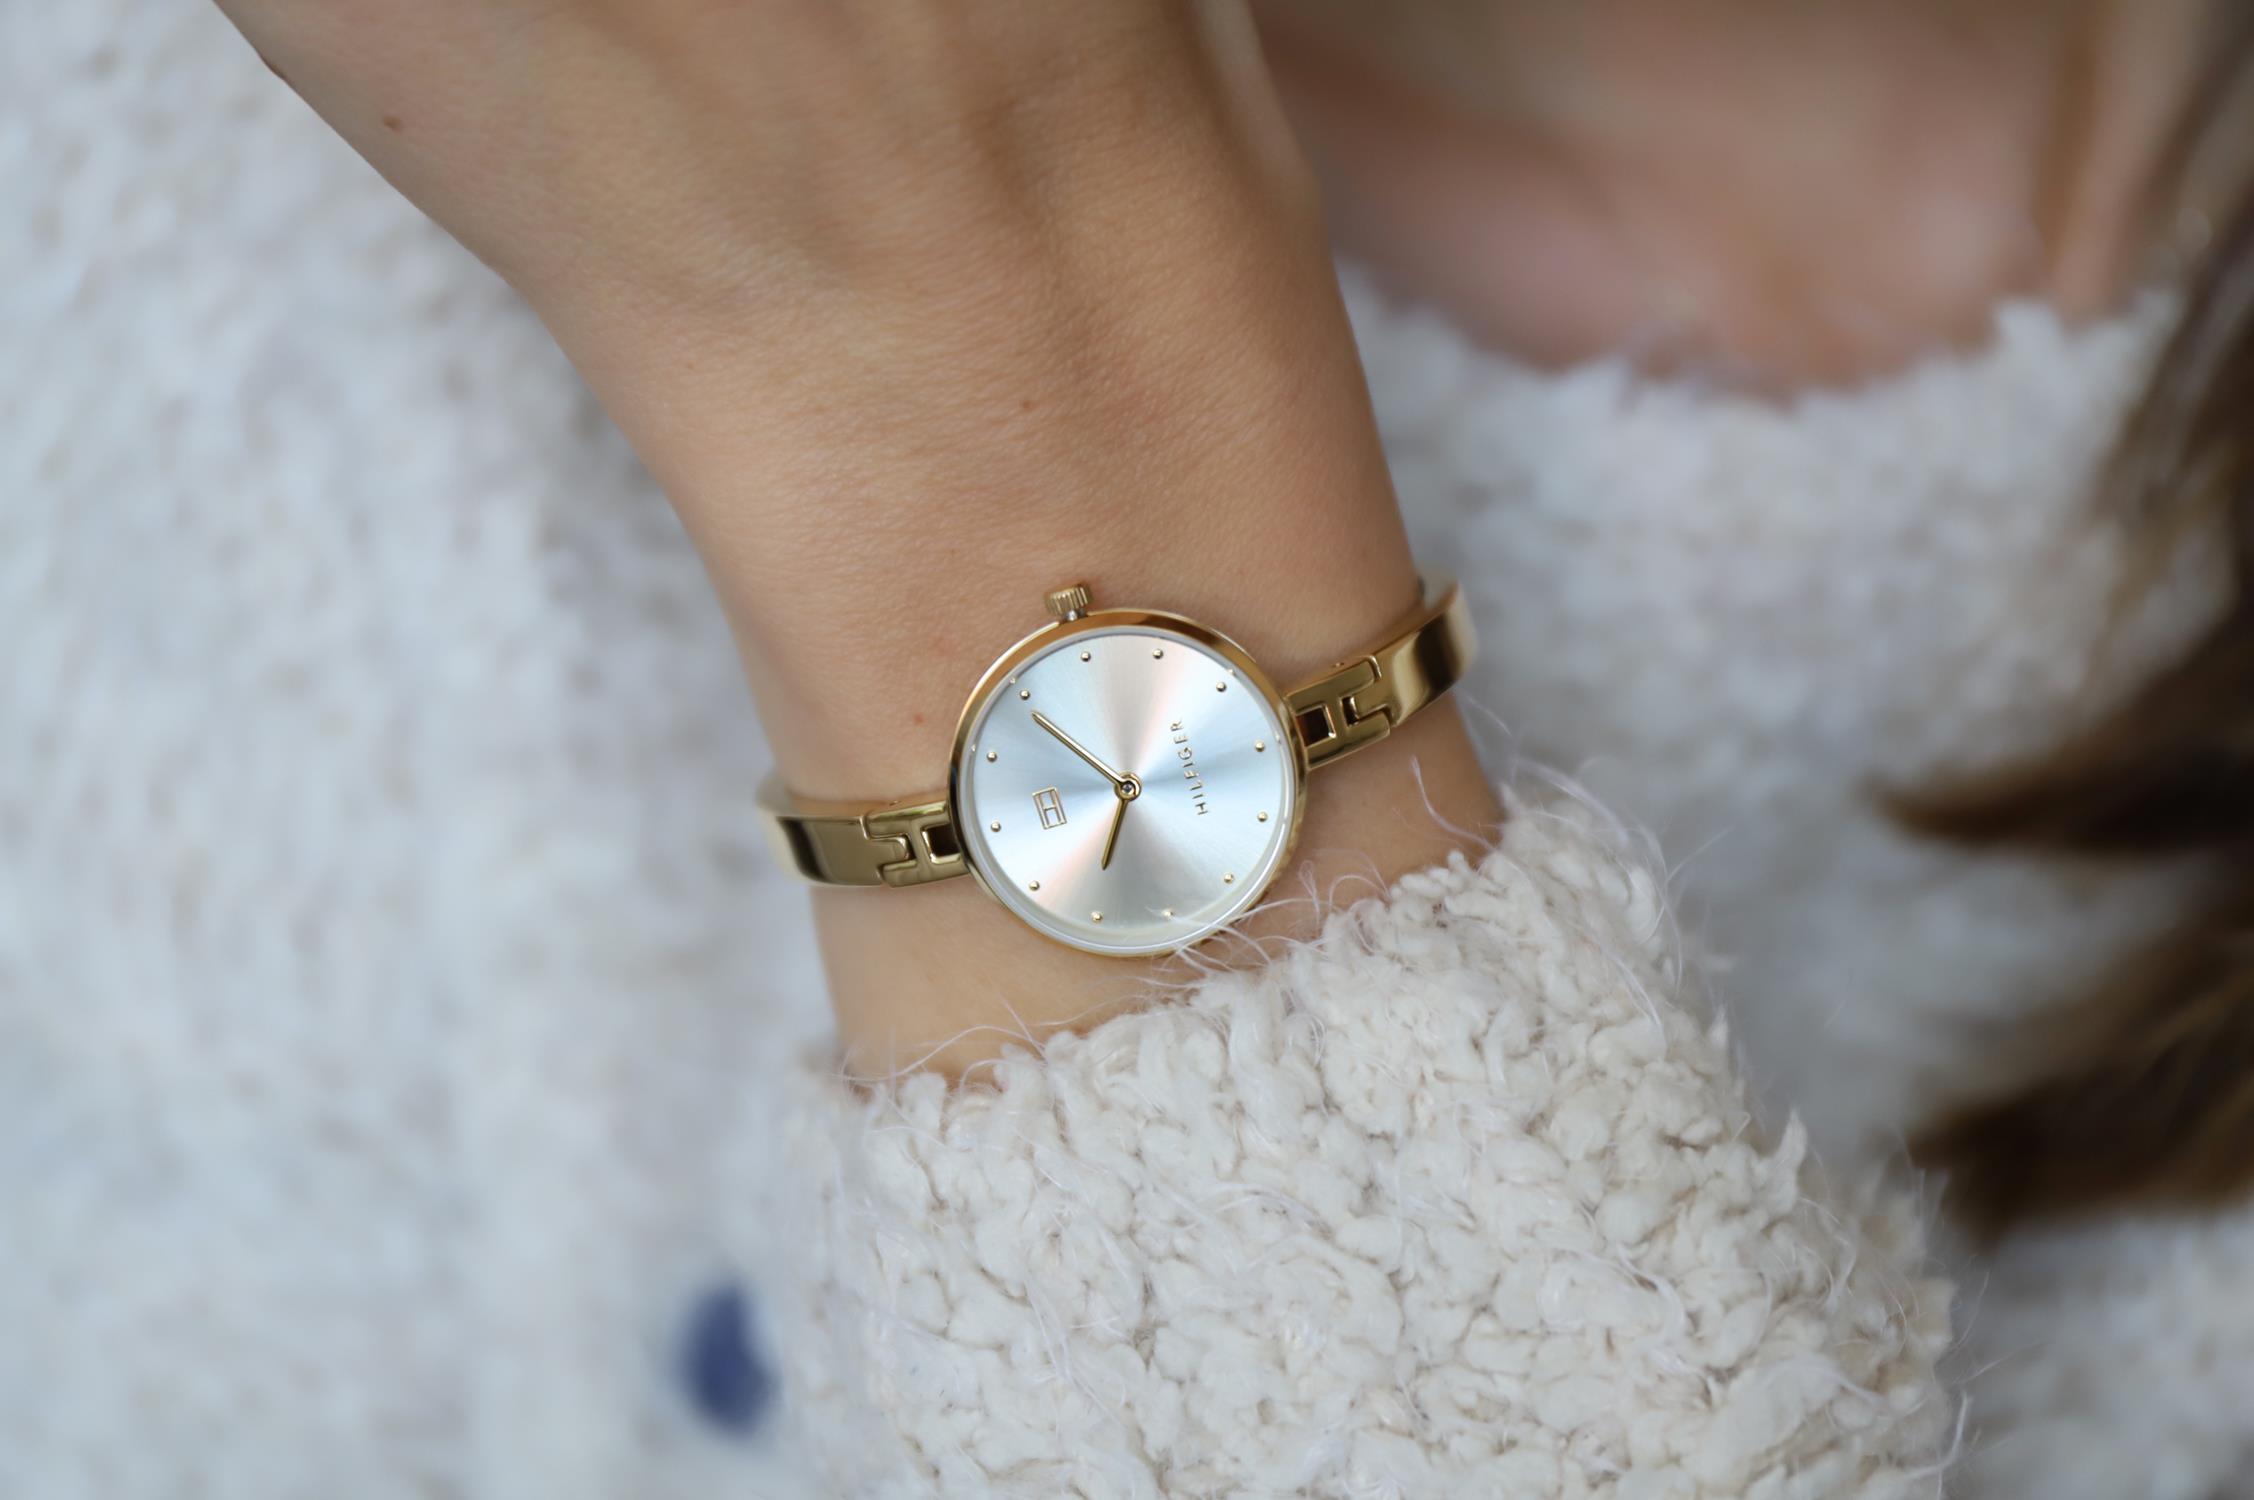 Zegarek damski Tommy Hilfiger damskie 1782135 - duże 1